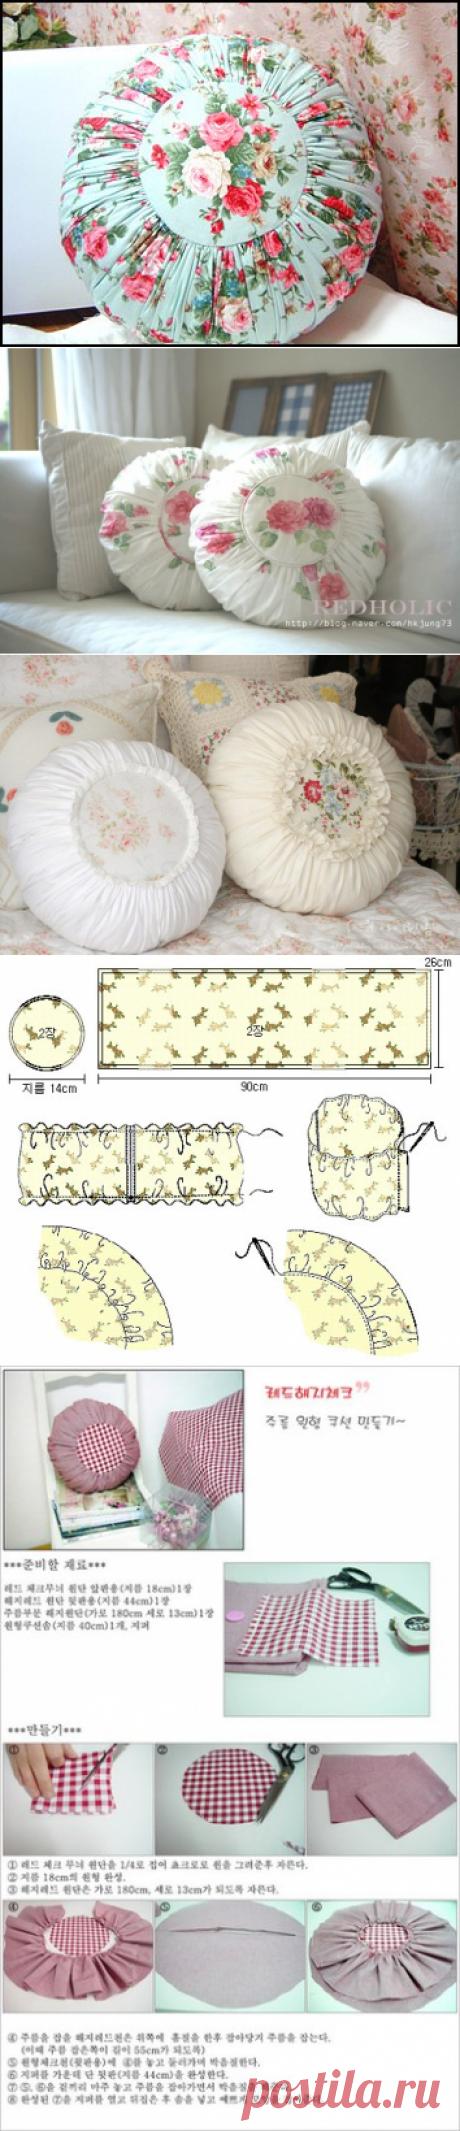 La costura   los patrones simples   las cosas simples. Las almohadas de diván